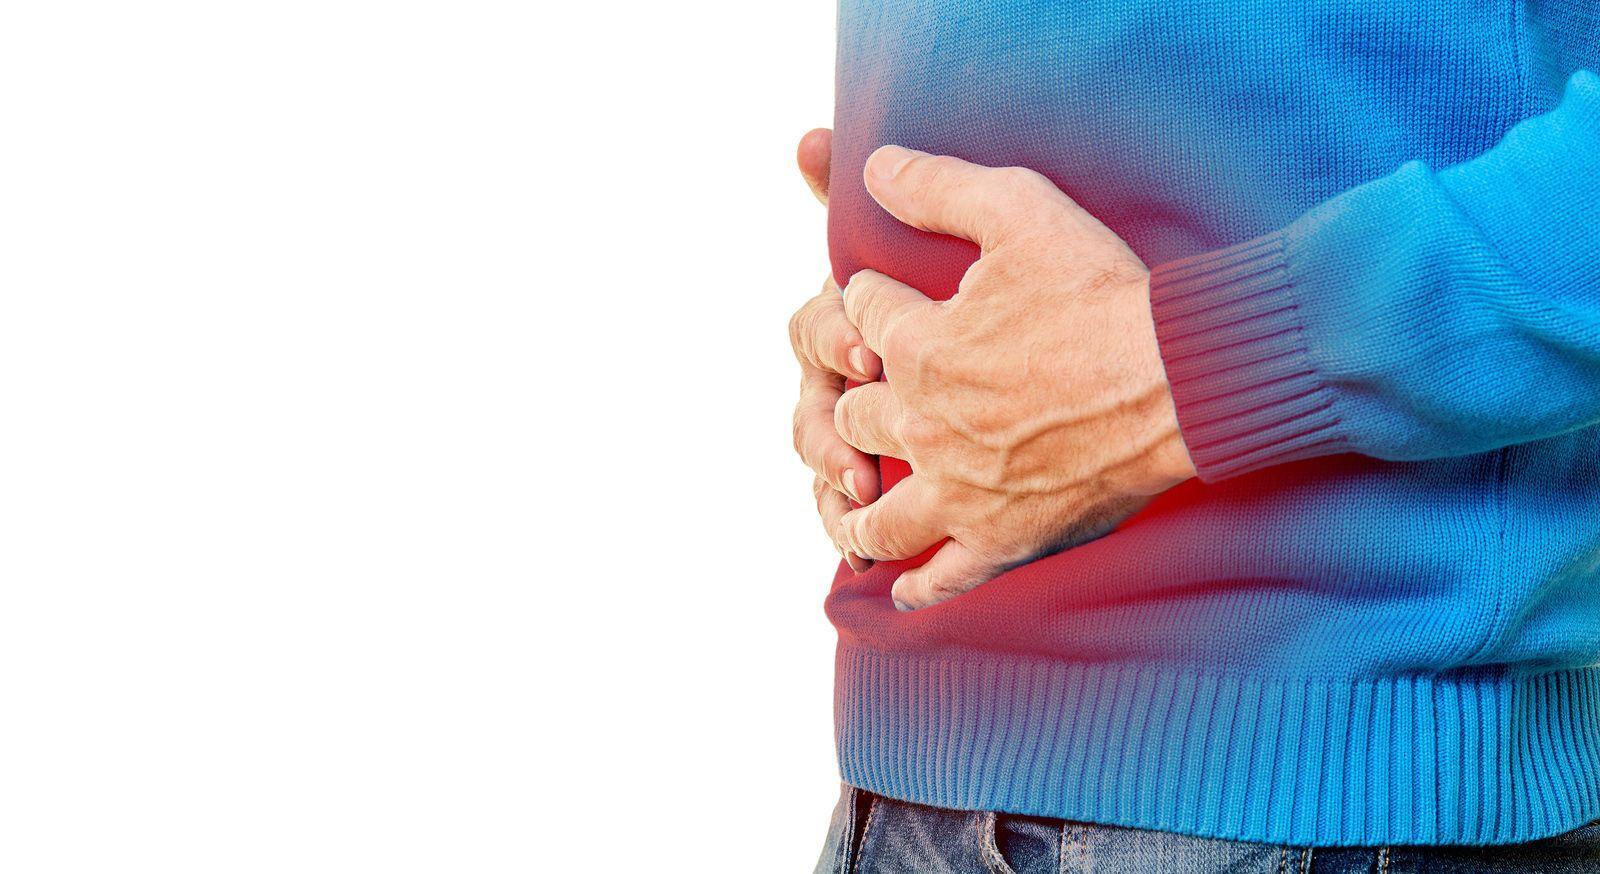 la gastritis cronica puede causar cancer